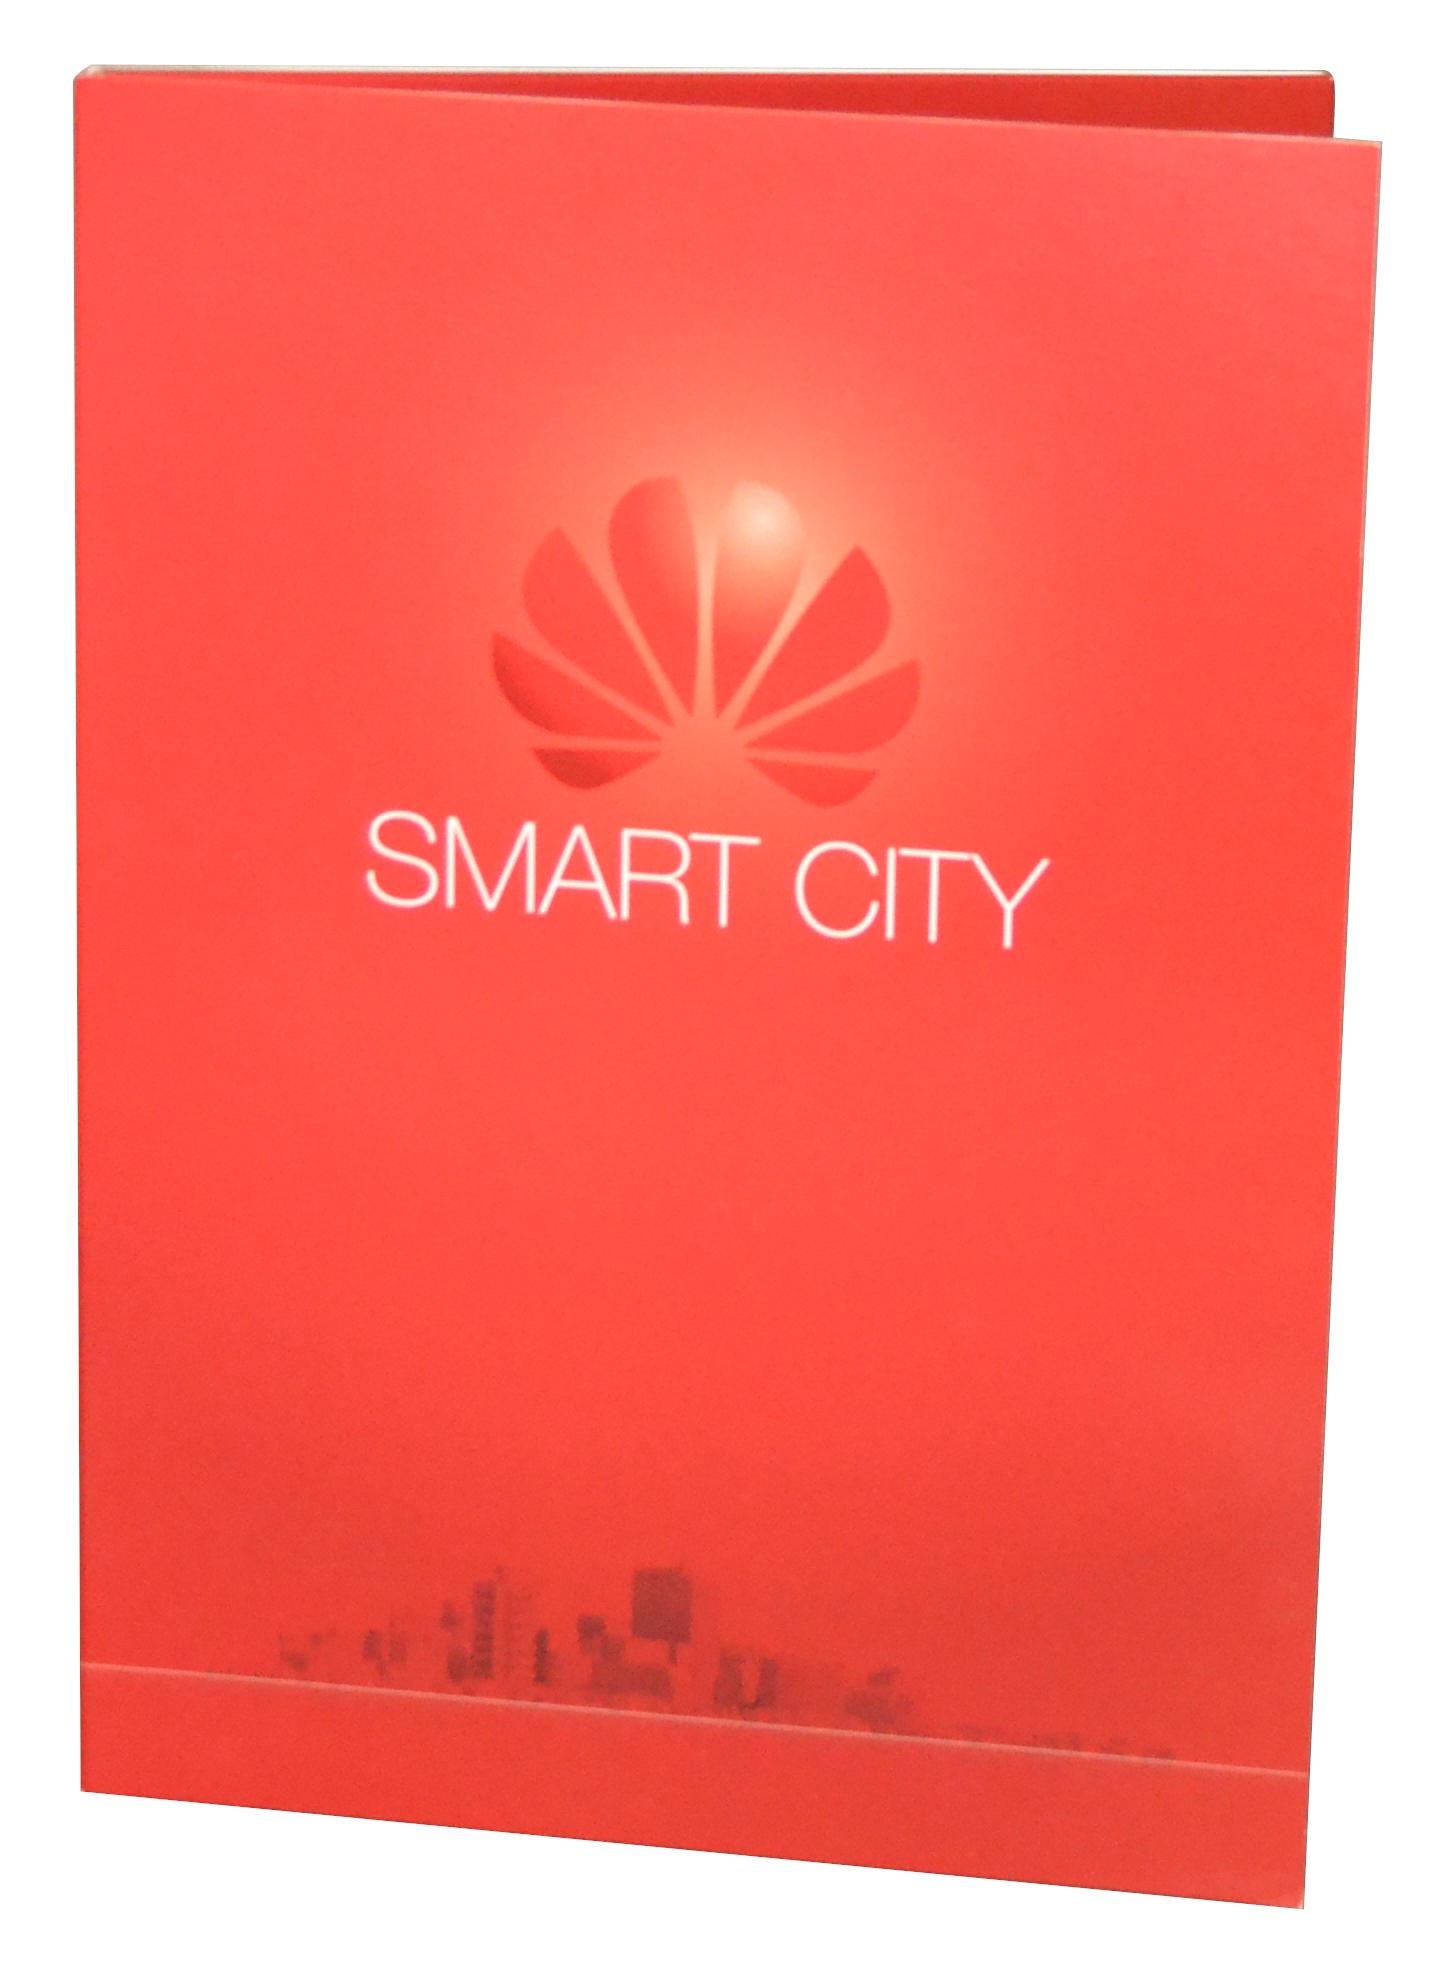 Videocard Smart City außen